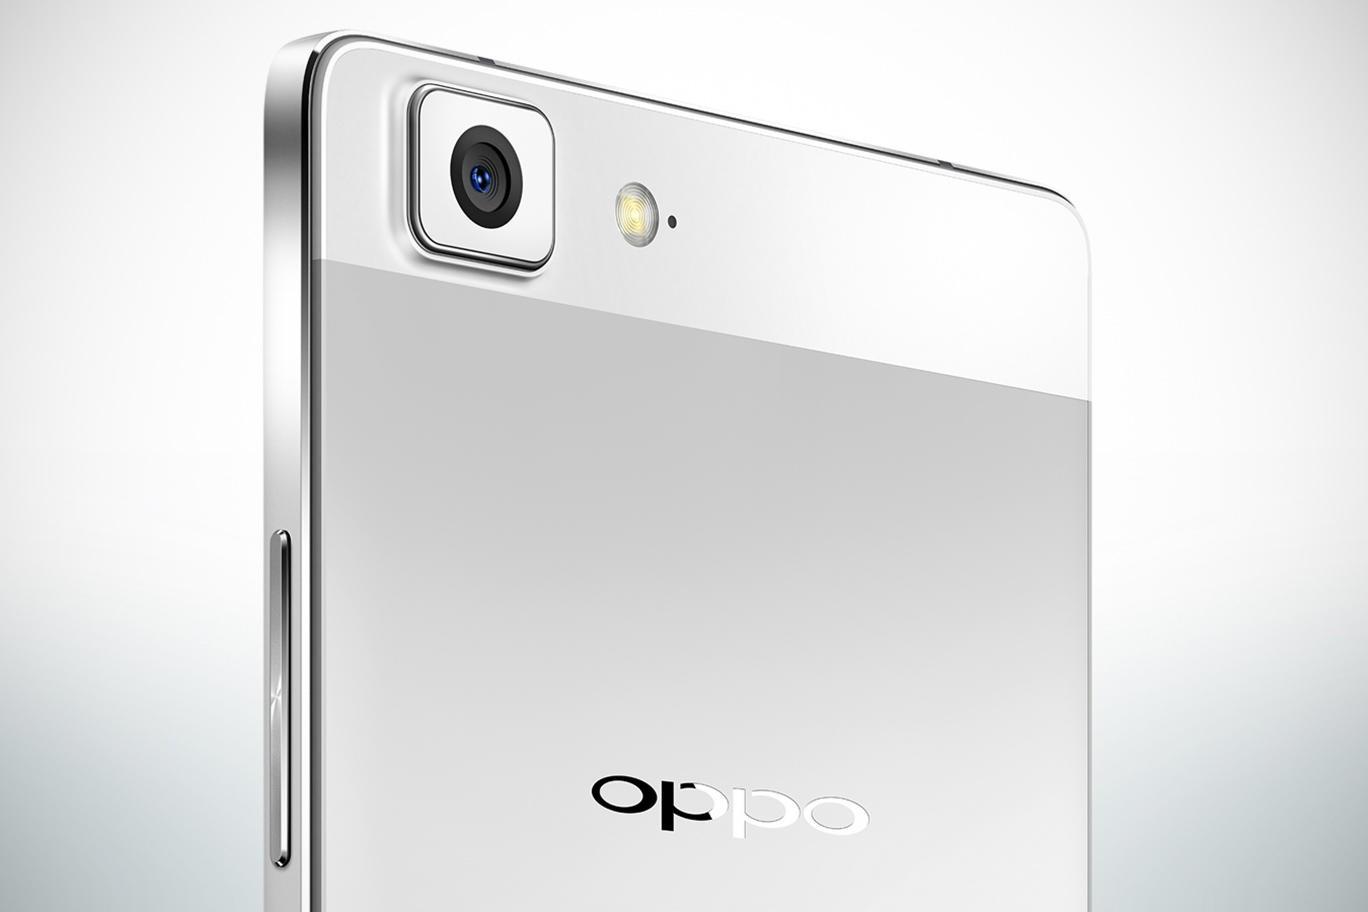 OPPO R7 - Oppo R7 siêu mỏng đã được chứng nhận viễn thông, sẽ sớm ra mắt